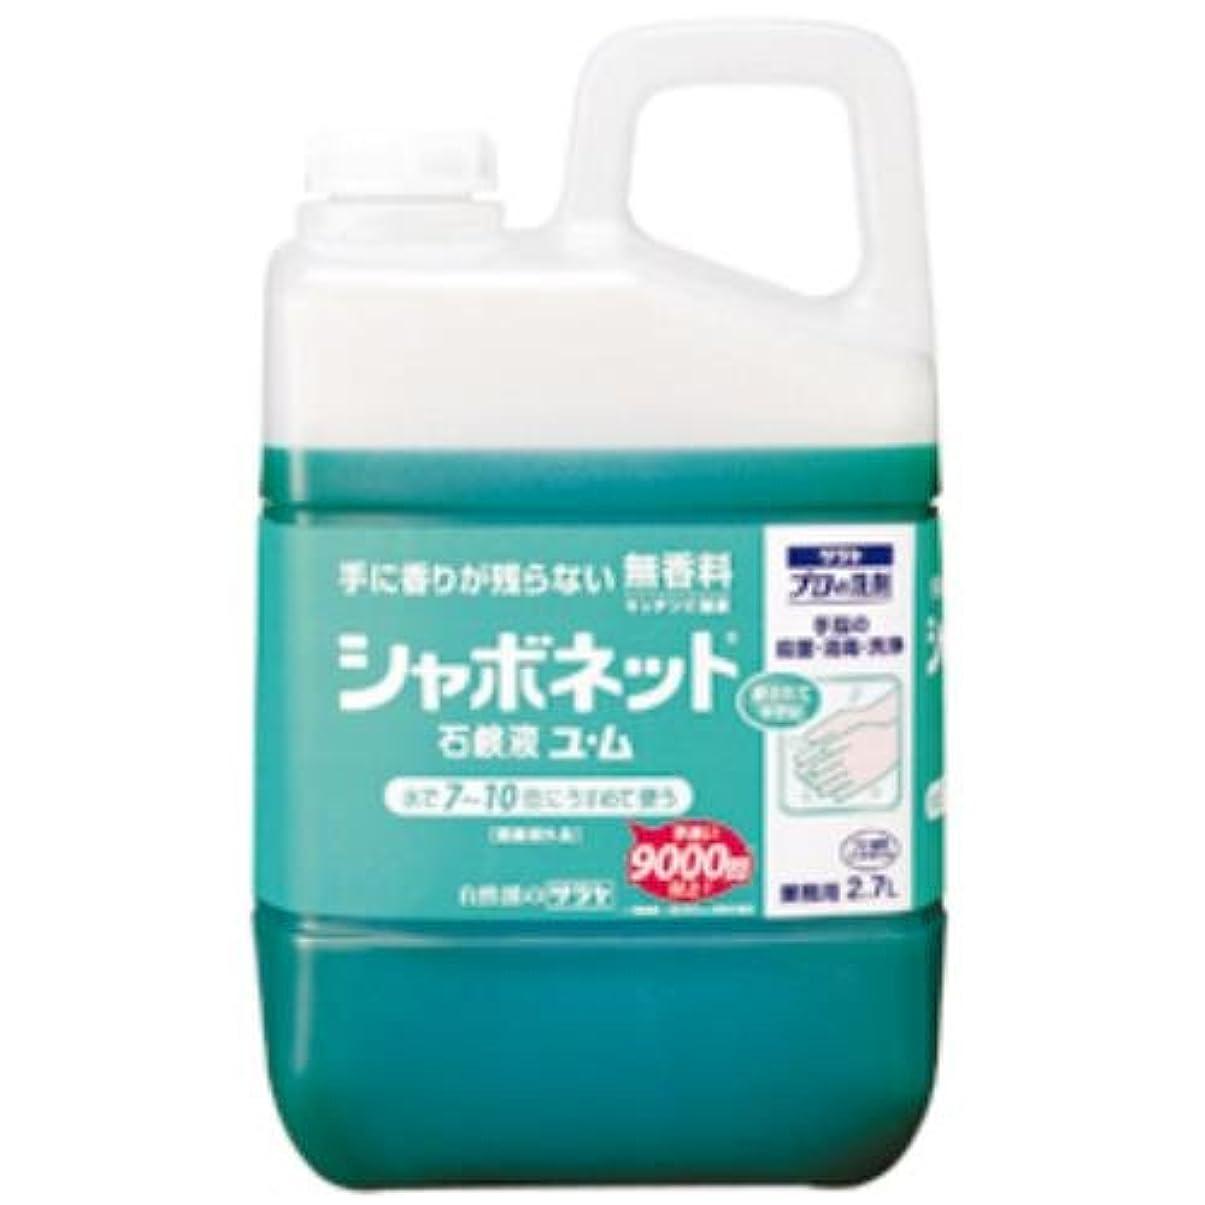 柔らかさ器具思いやりシャボネット石鹸液ユ?ム2.7L 123-271